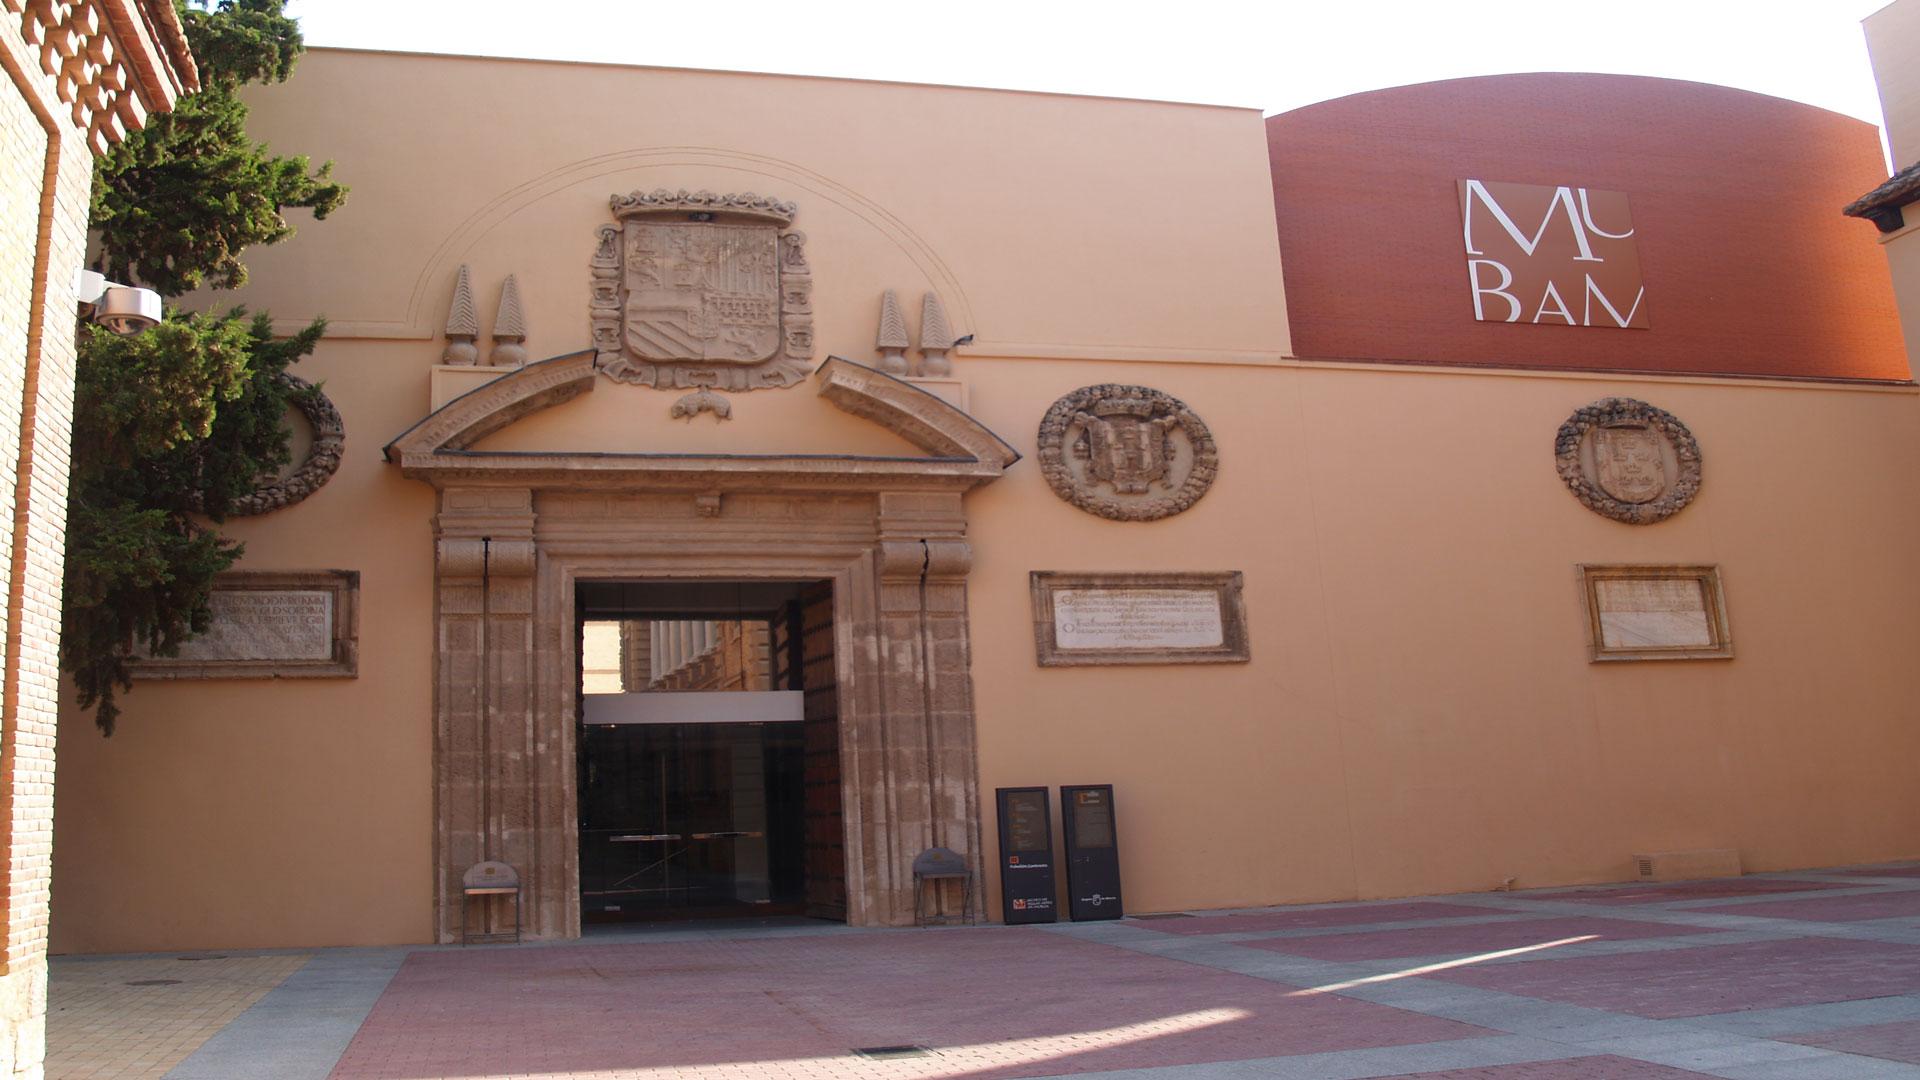 Más-de-10-museos-en-la-ciudad-de-Murcia-1920